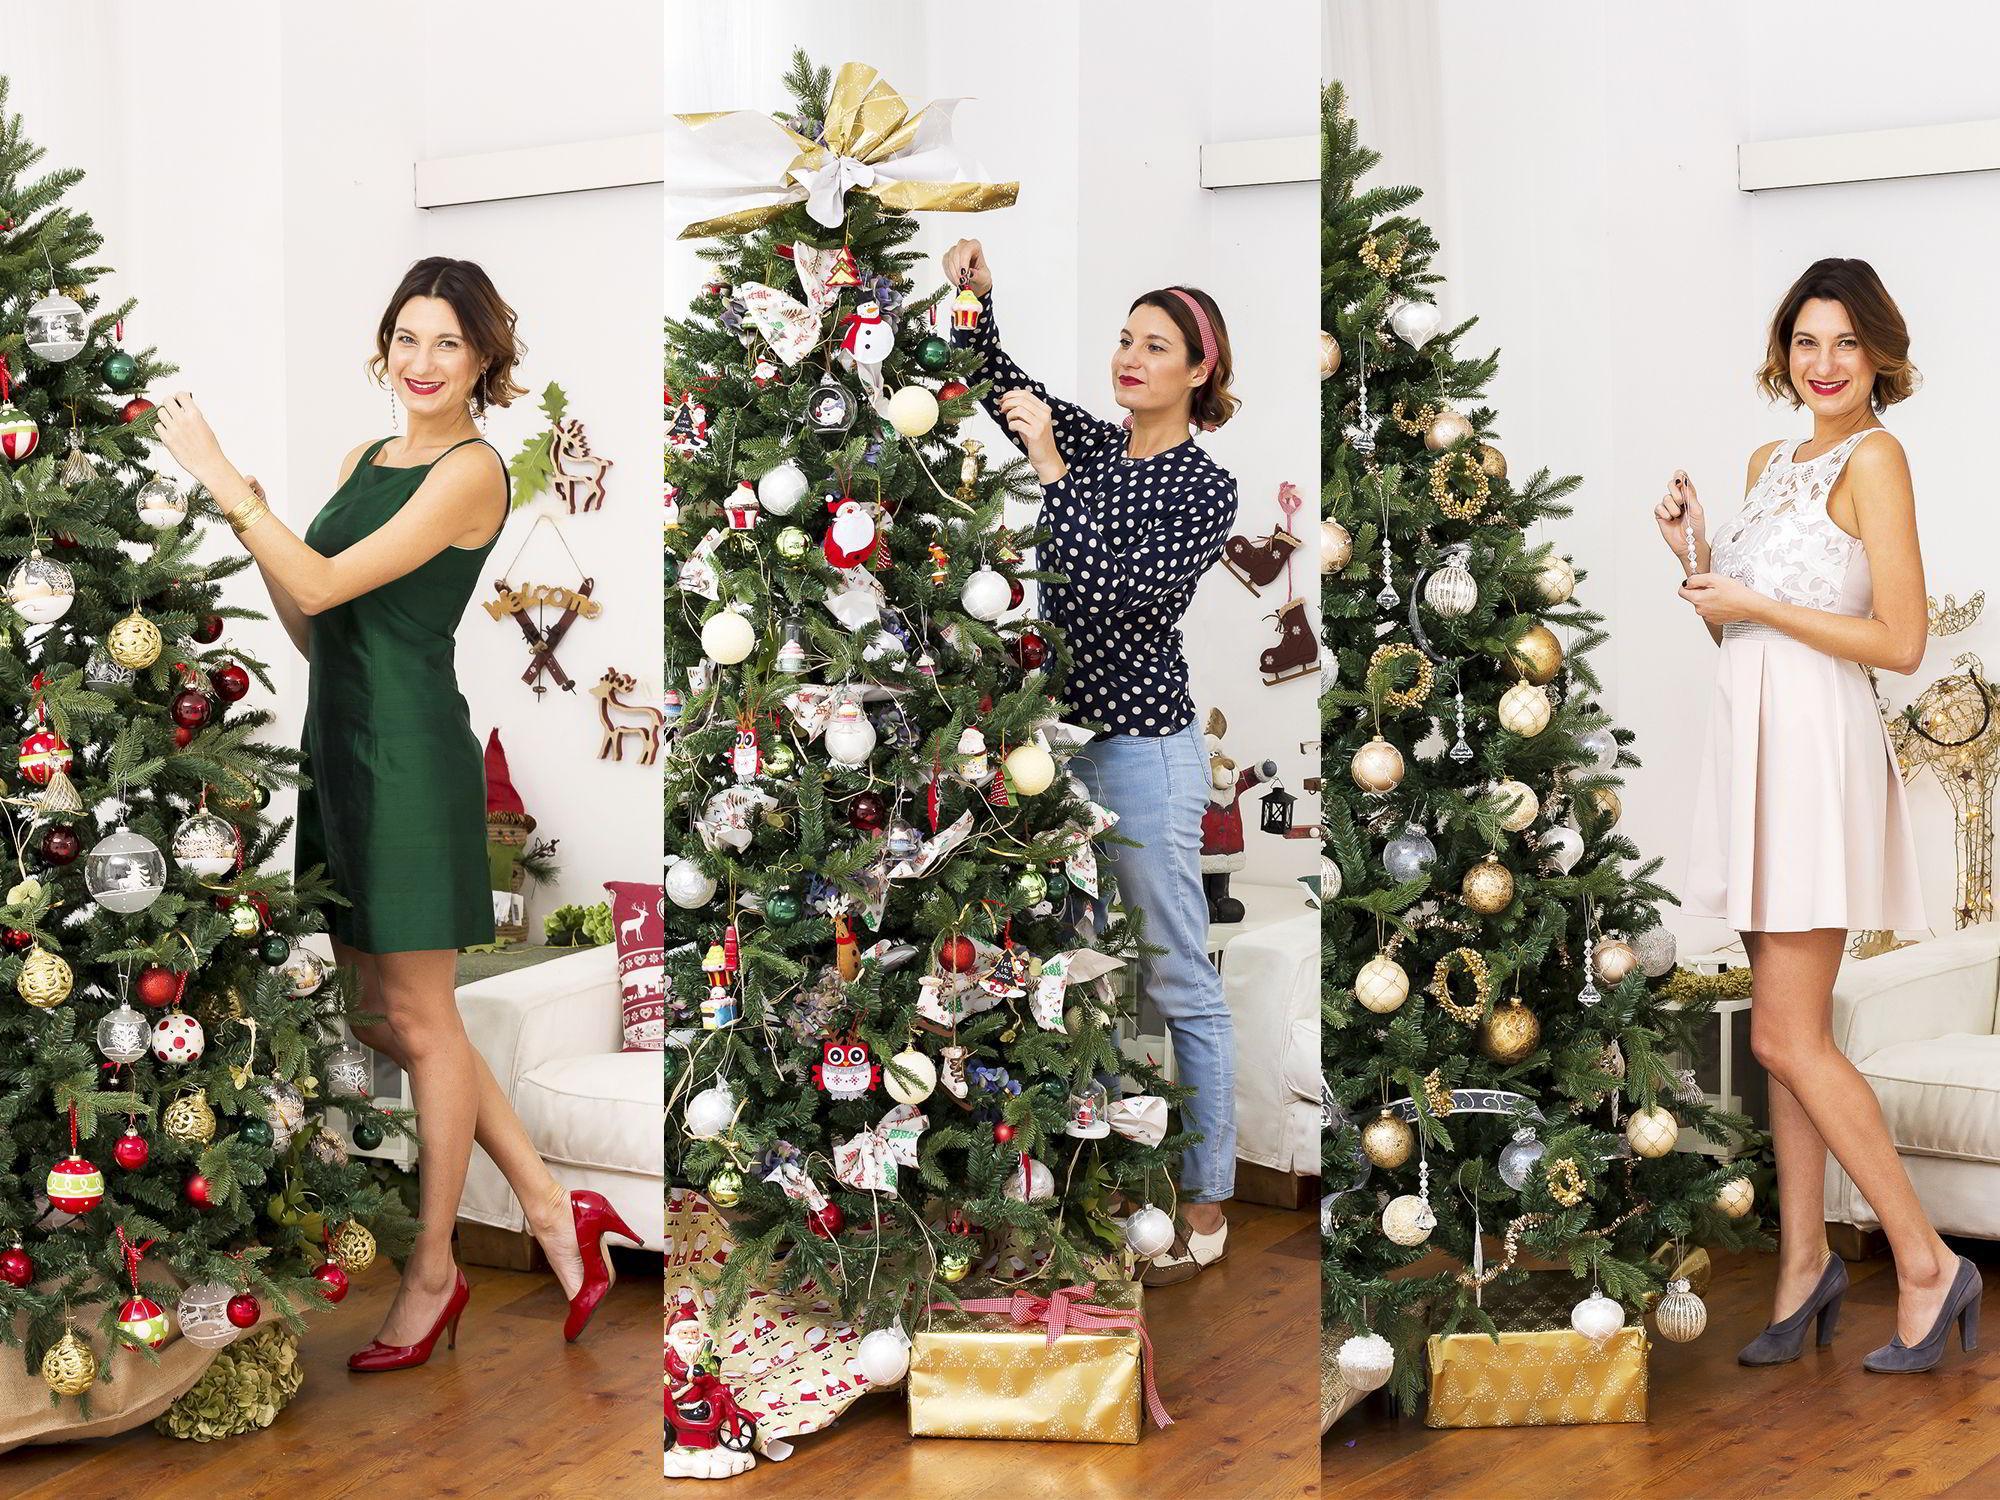 Albero Natale Decorato Rosso l'albero di natale è classico, glam, funny! | westwing magazine